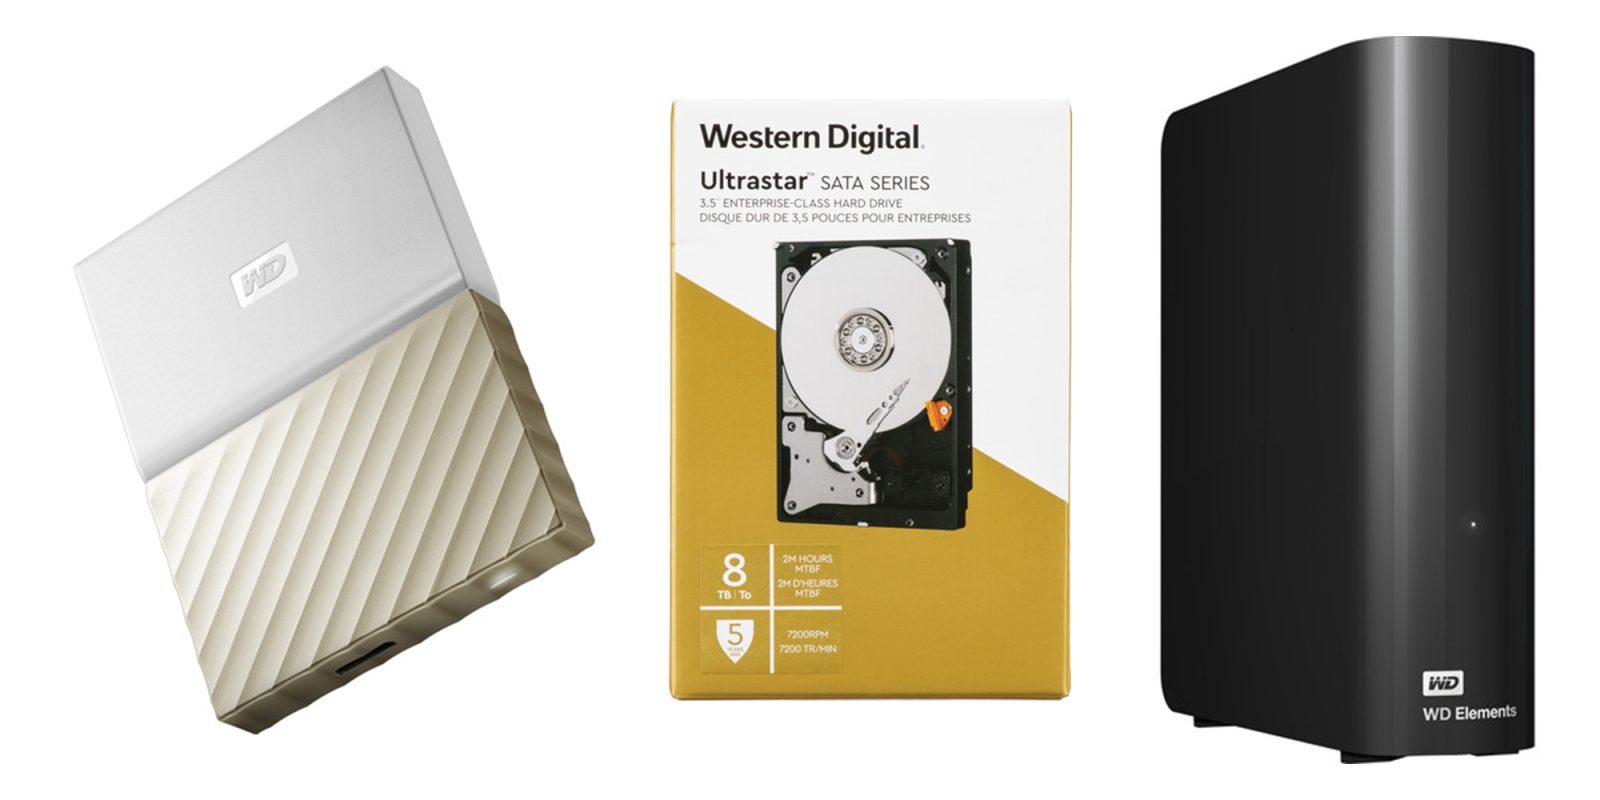 Western Digital 1-day storage sale starts at $45: Portable, desktop HDDs, more